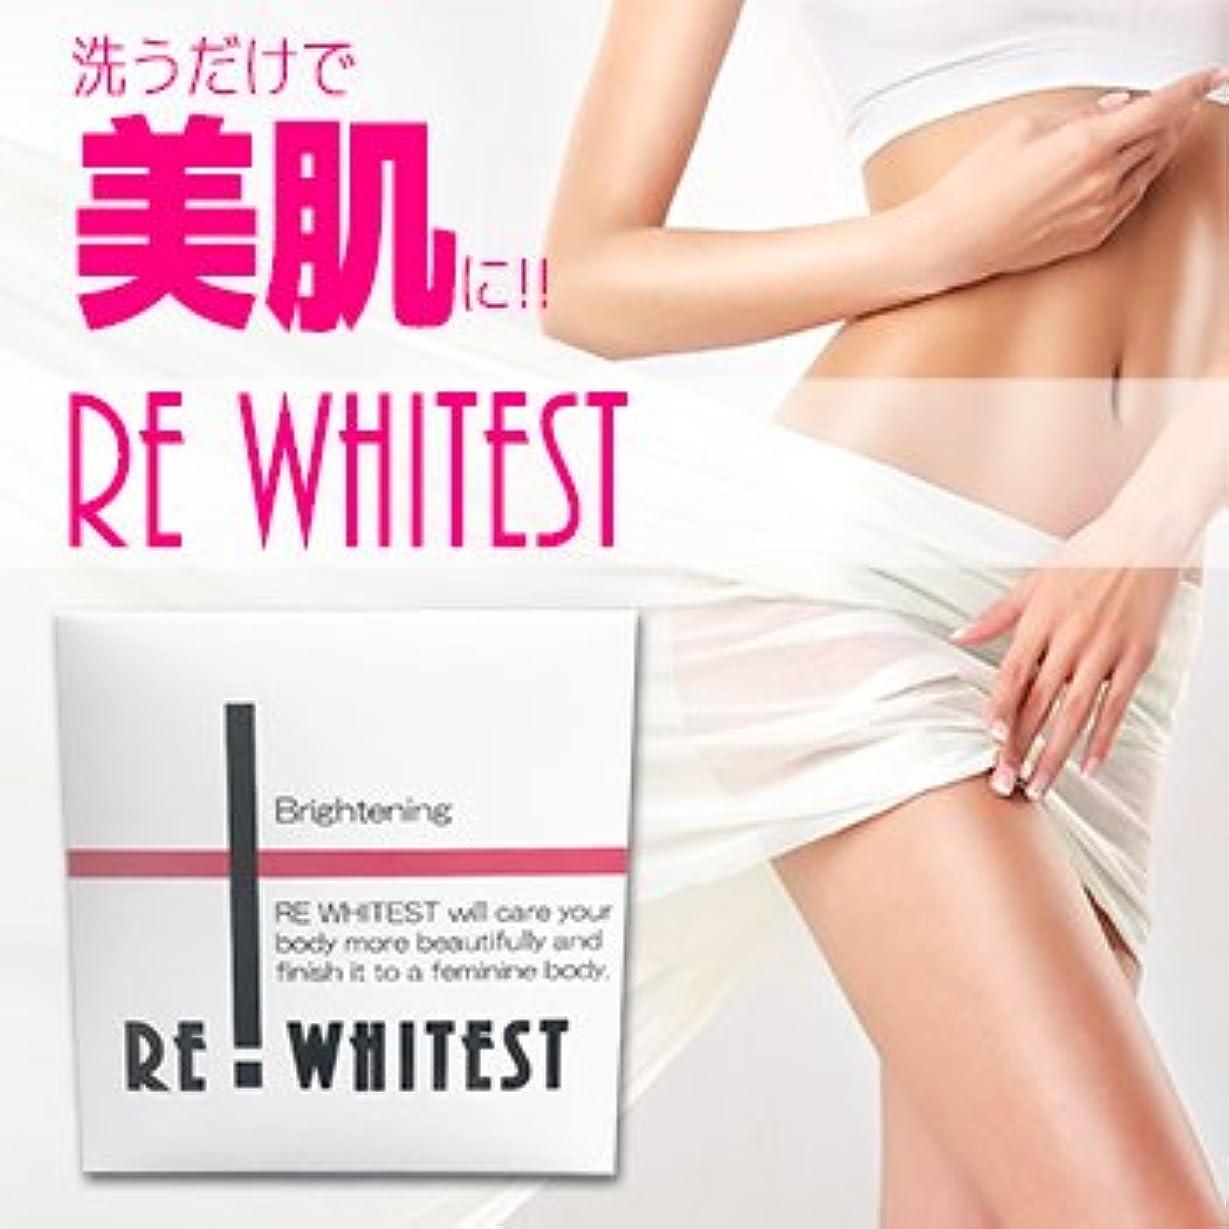 結果として誇張する滞在パパイン+イソフラボン配合女性用美肌石鹸 REWHITEST-リホワイテスト-